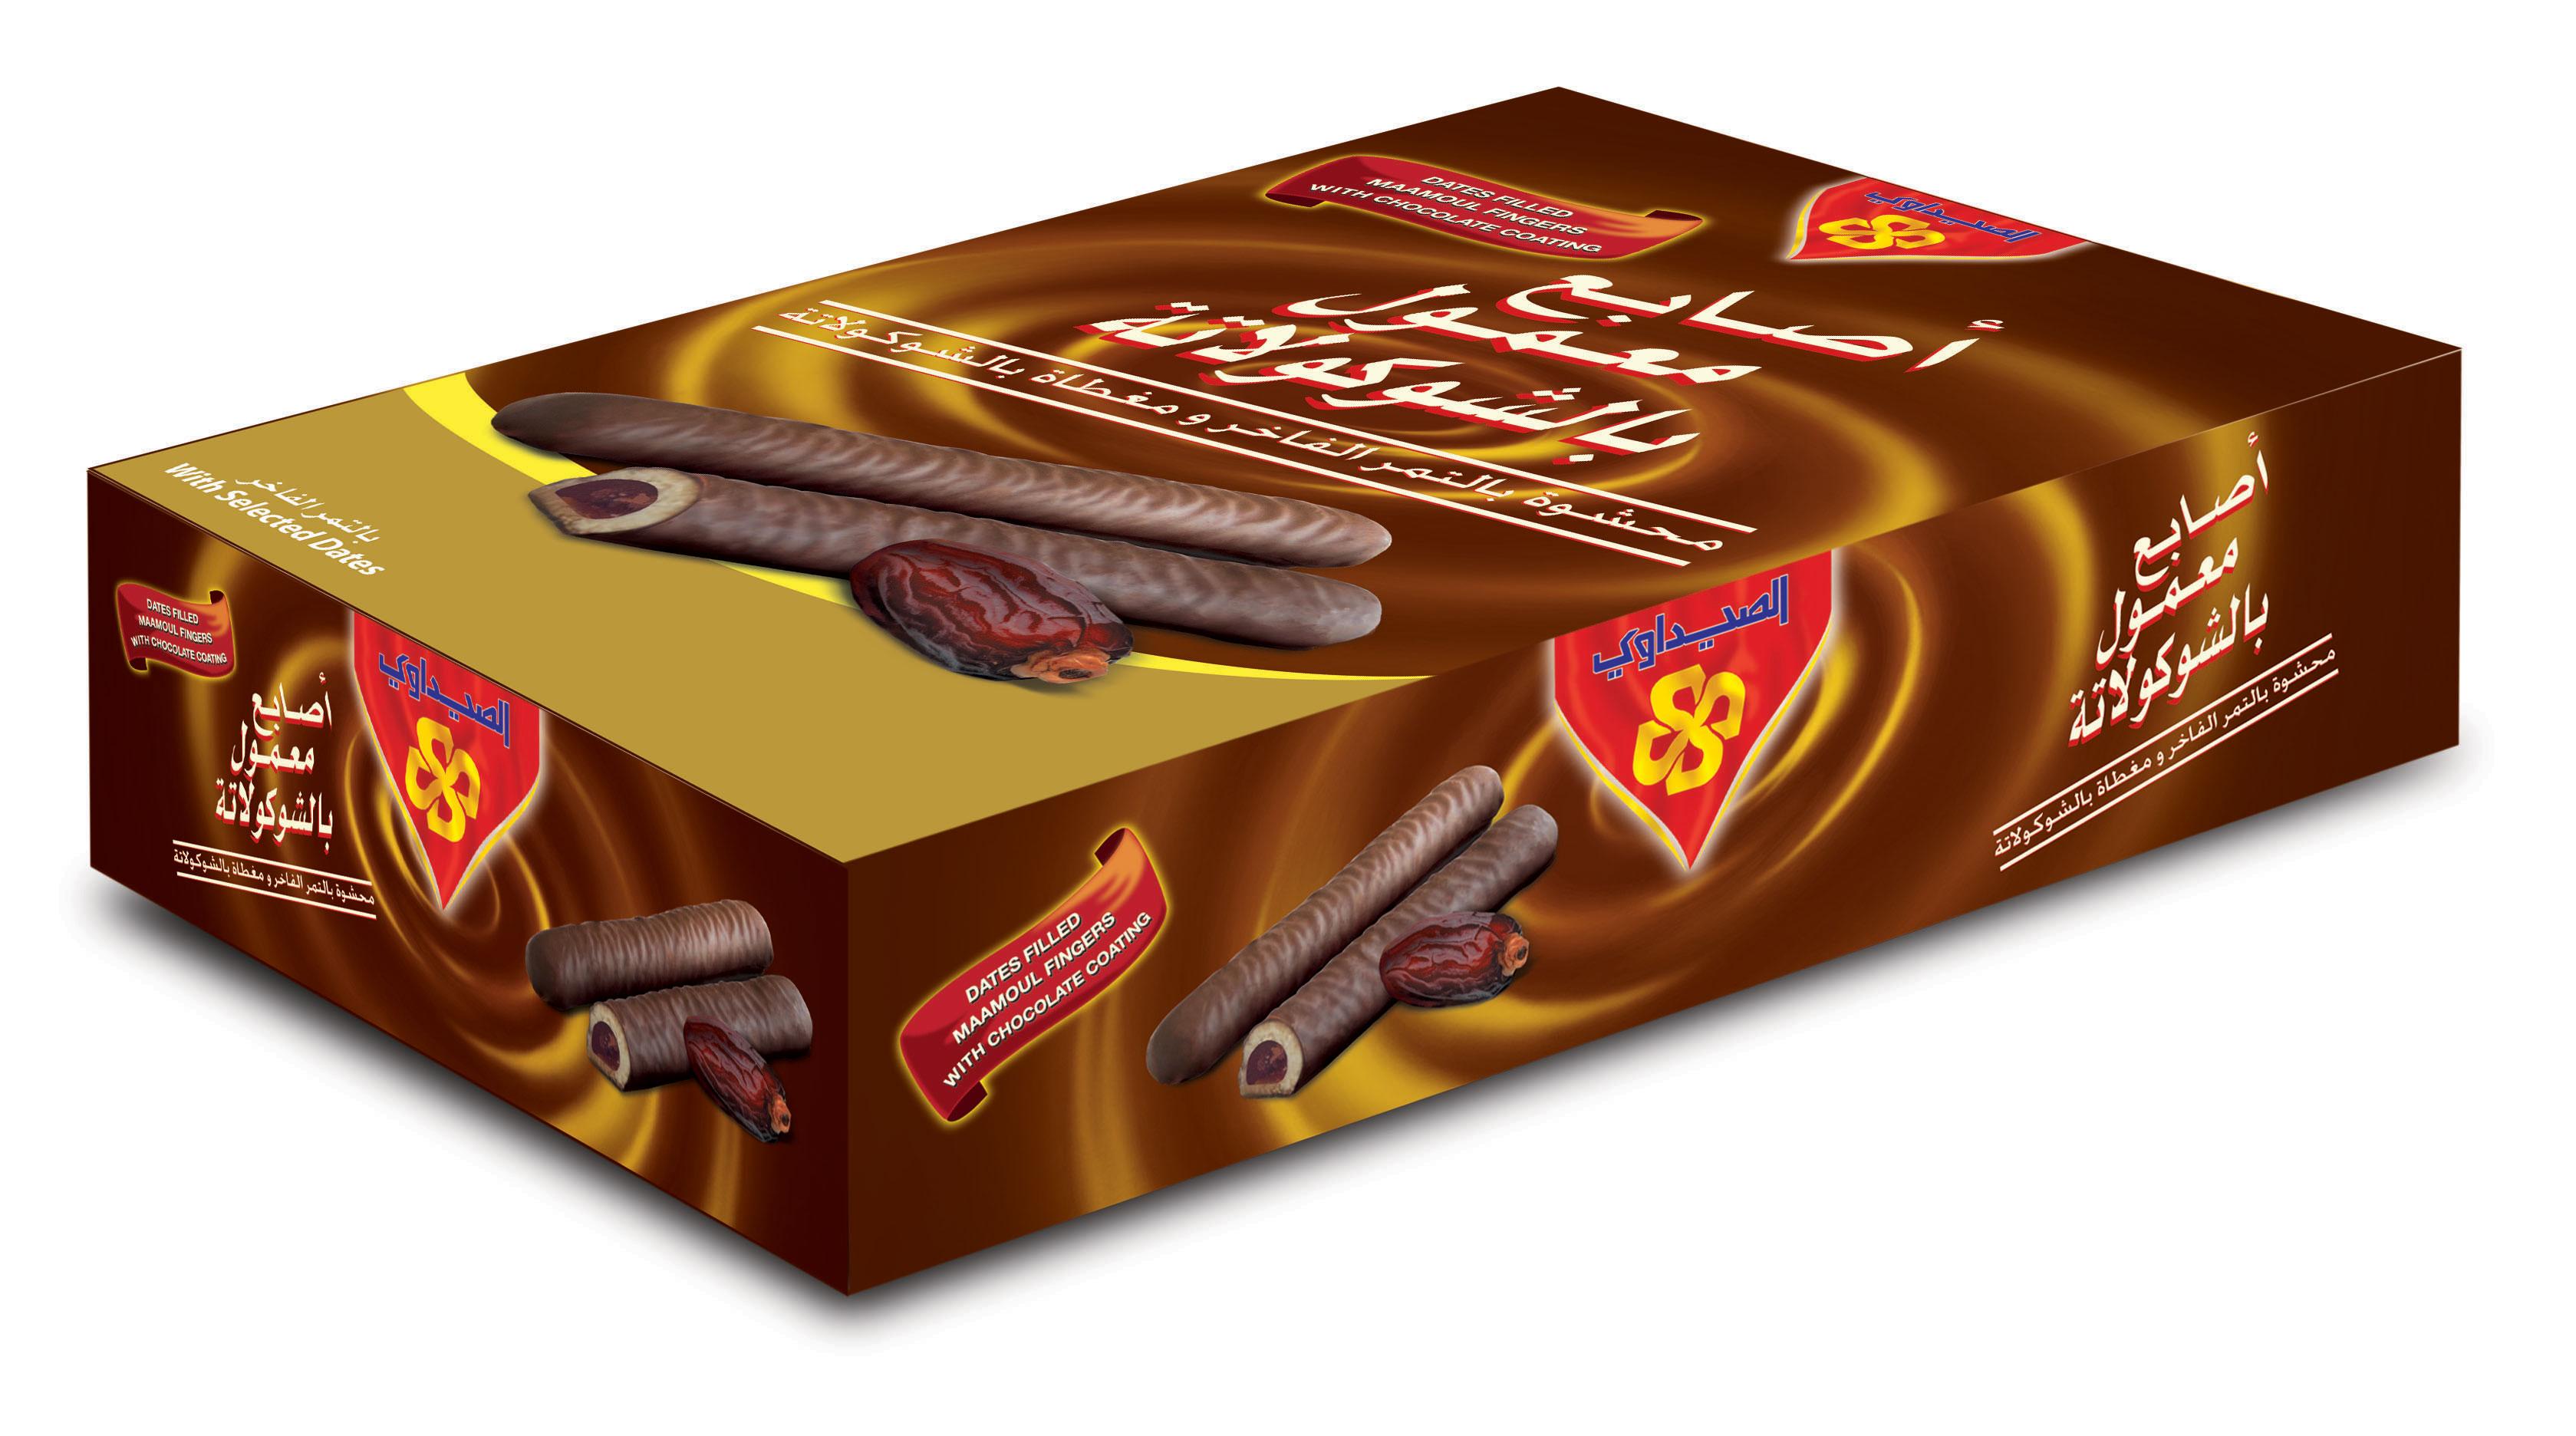 أصابع معمول بالشوكولاته